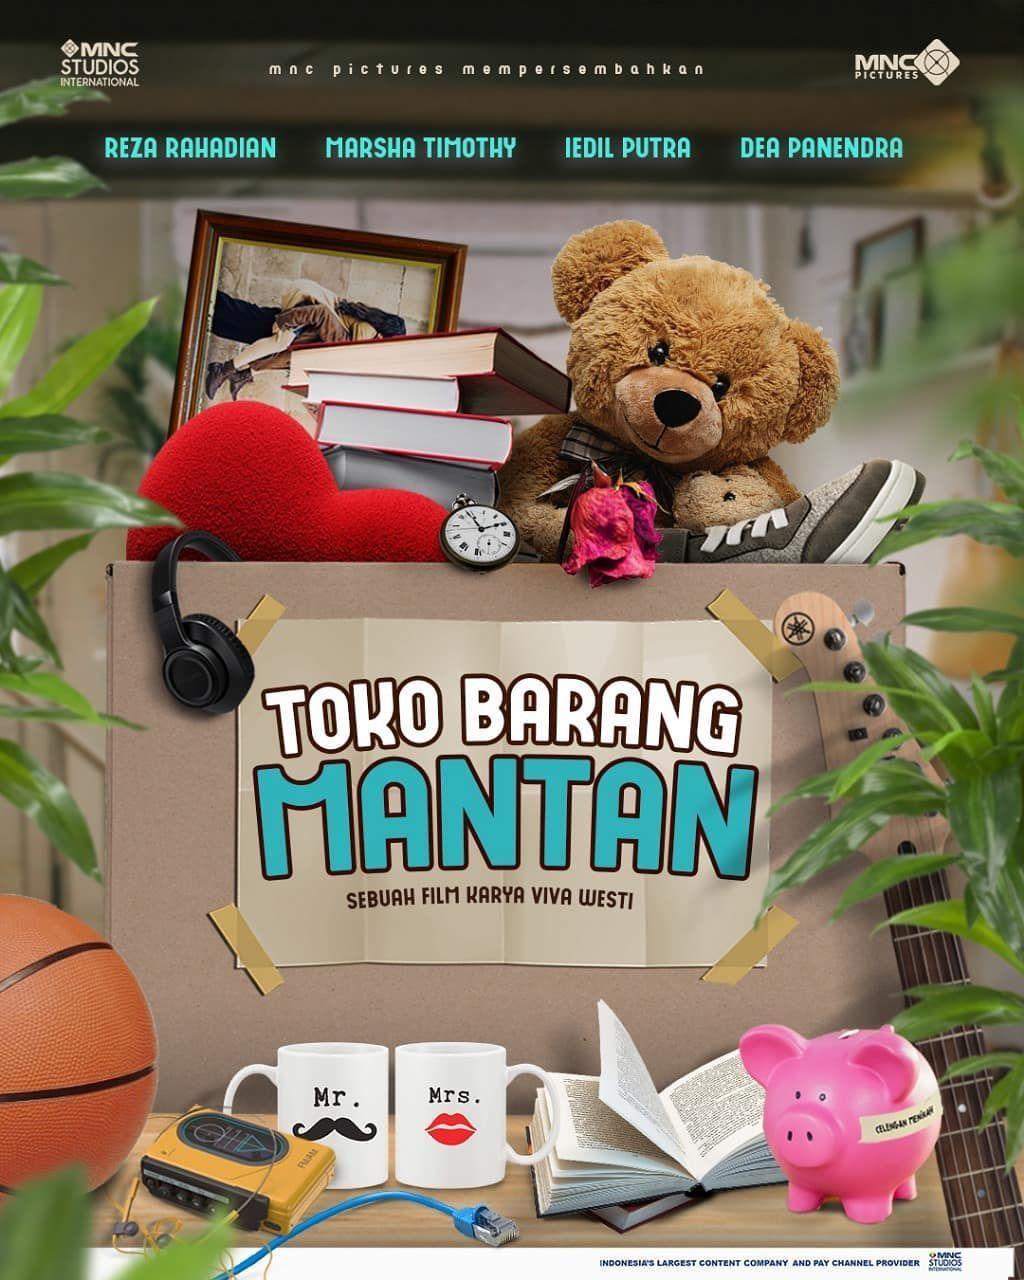 Toko Barang Mantan, Usaha Baru Reza Rahadian